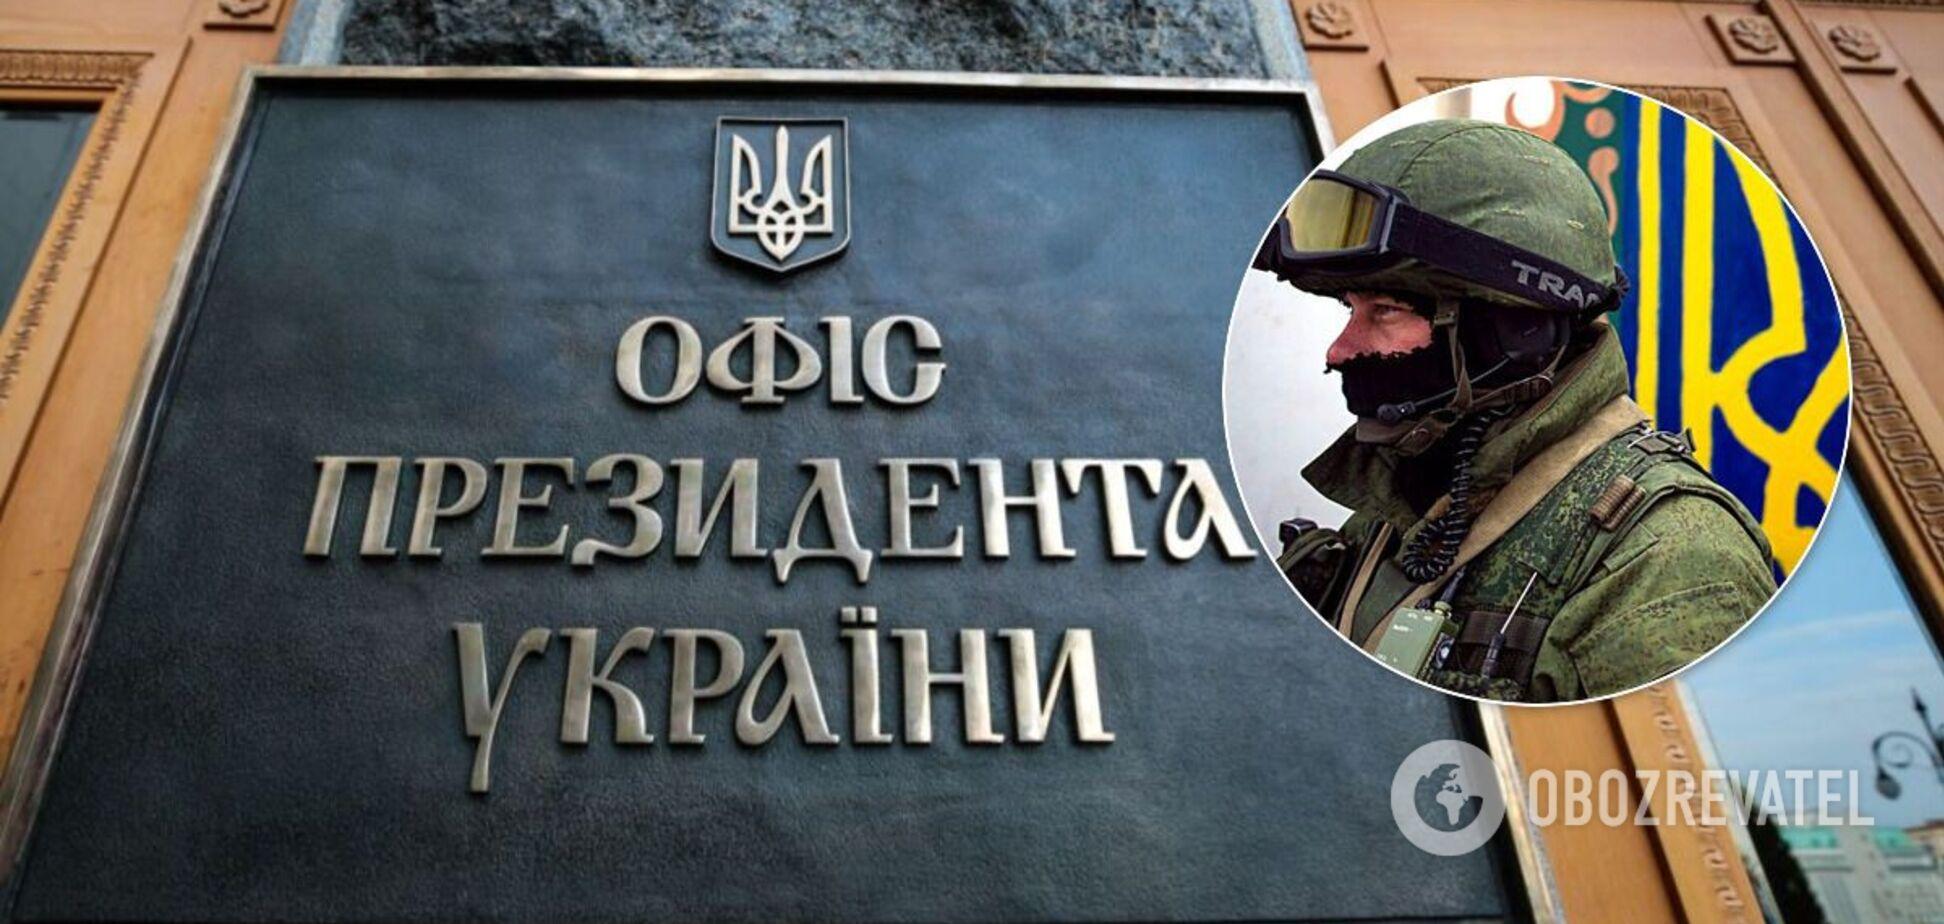 Офіс президента офіційно заявив про зрив інспекції позицій ЗСУ